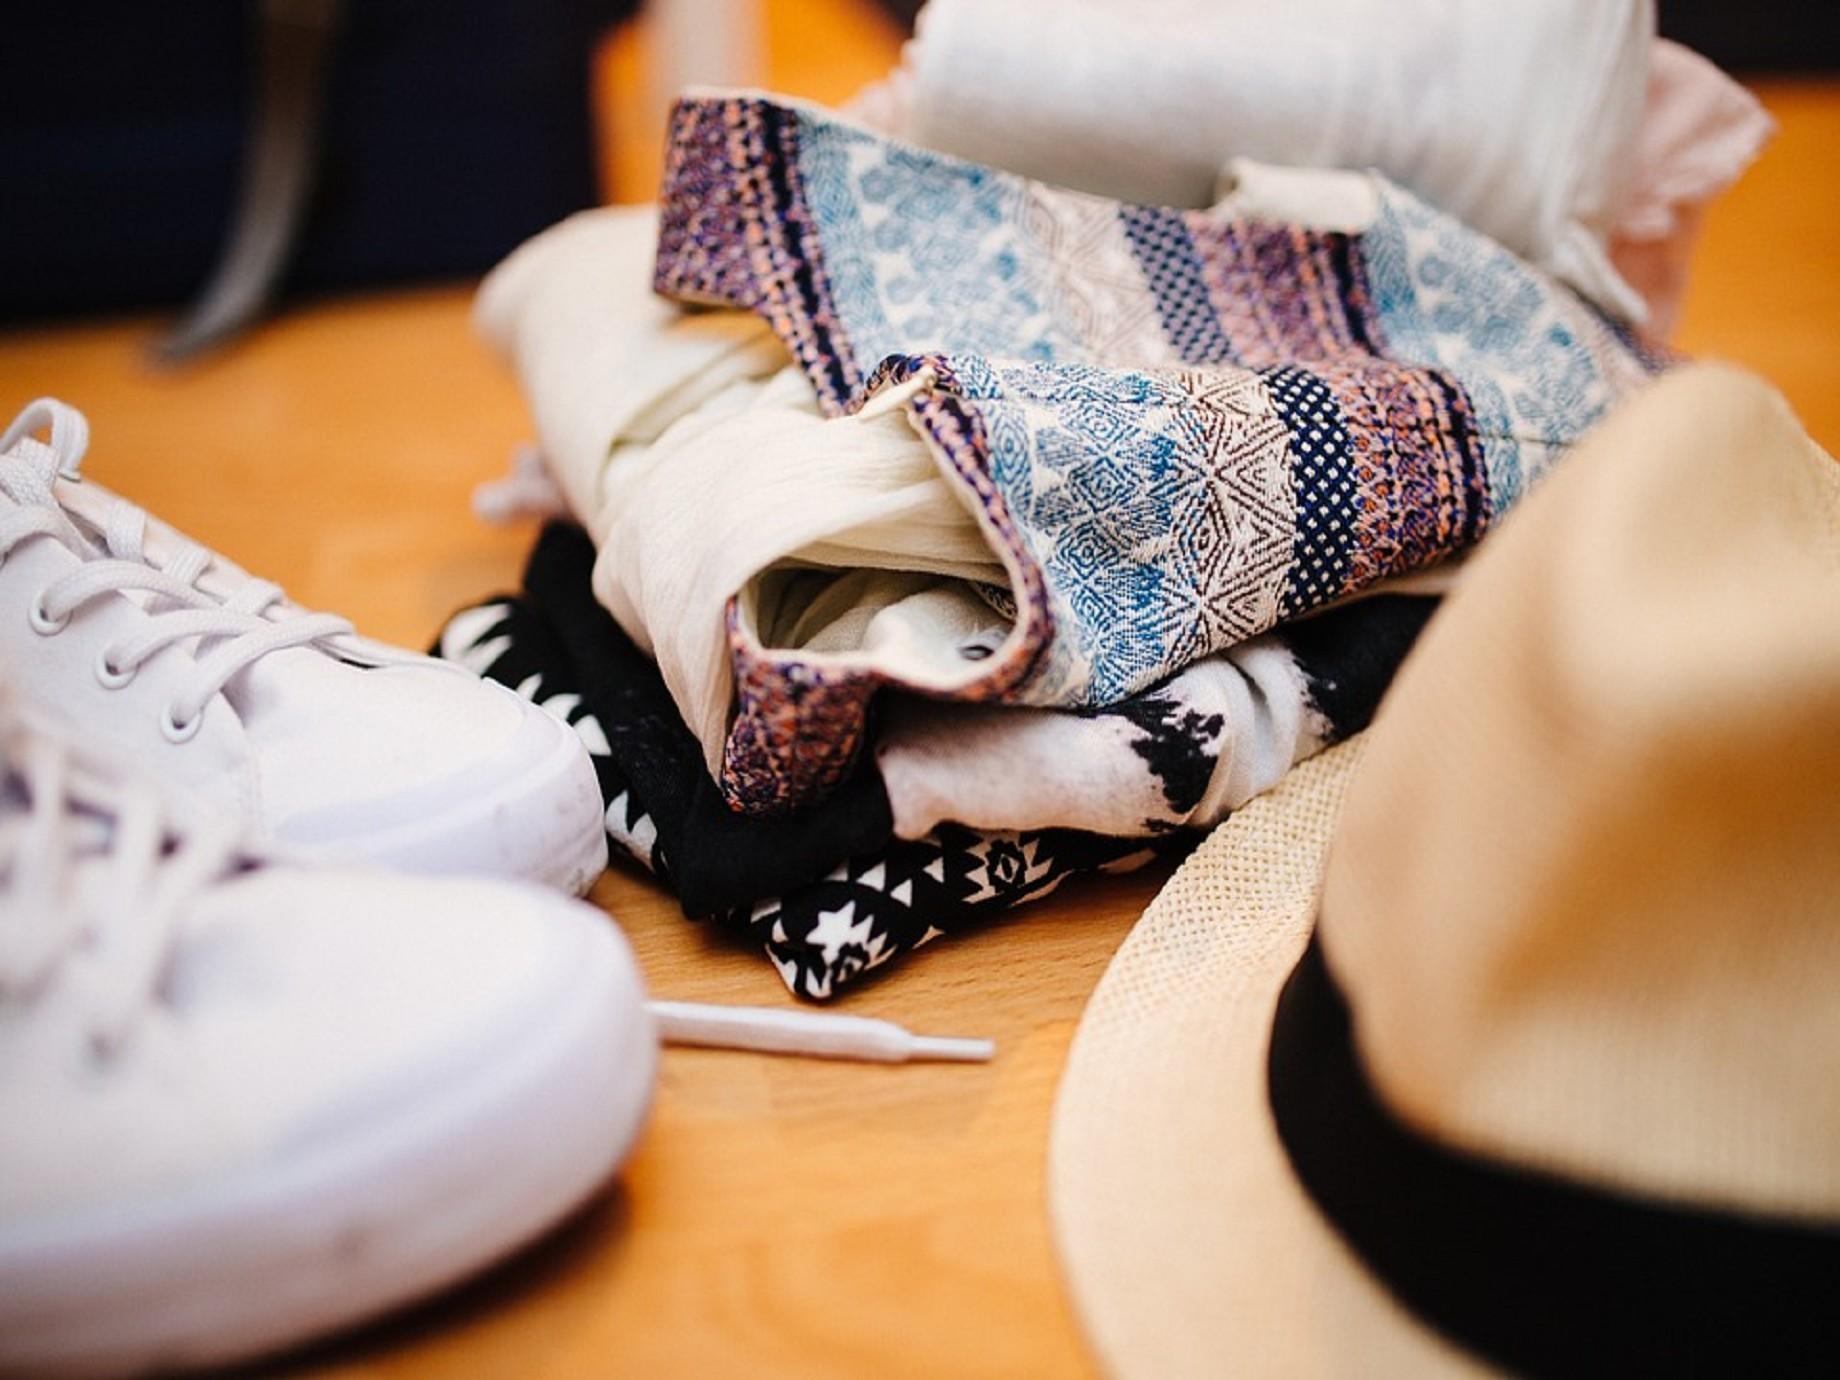 快時尚觸角延伸運動服飾,是機會還是威脅?